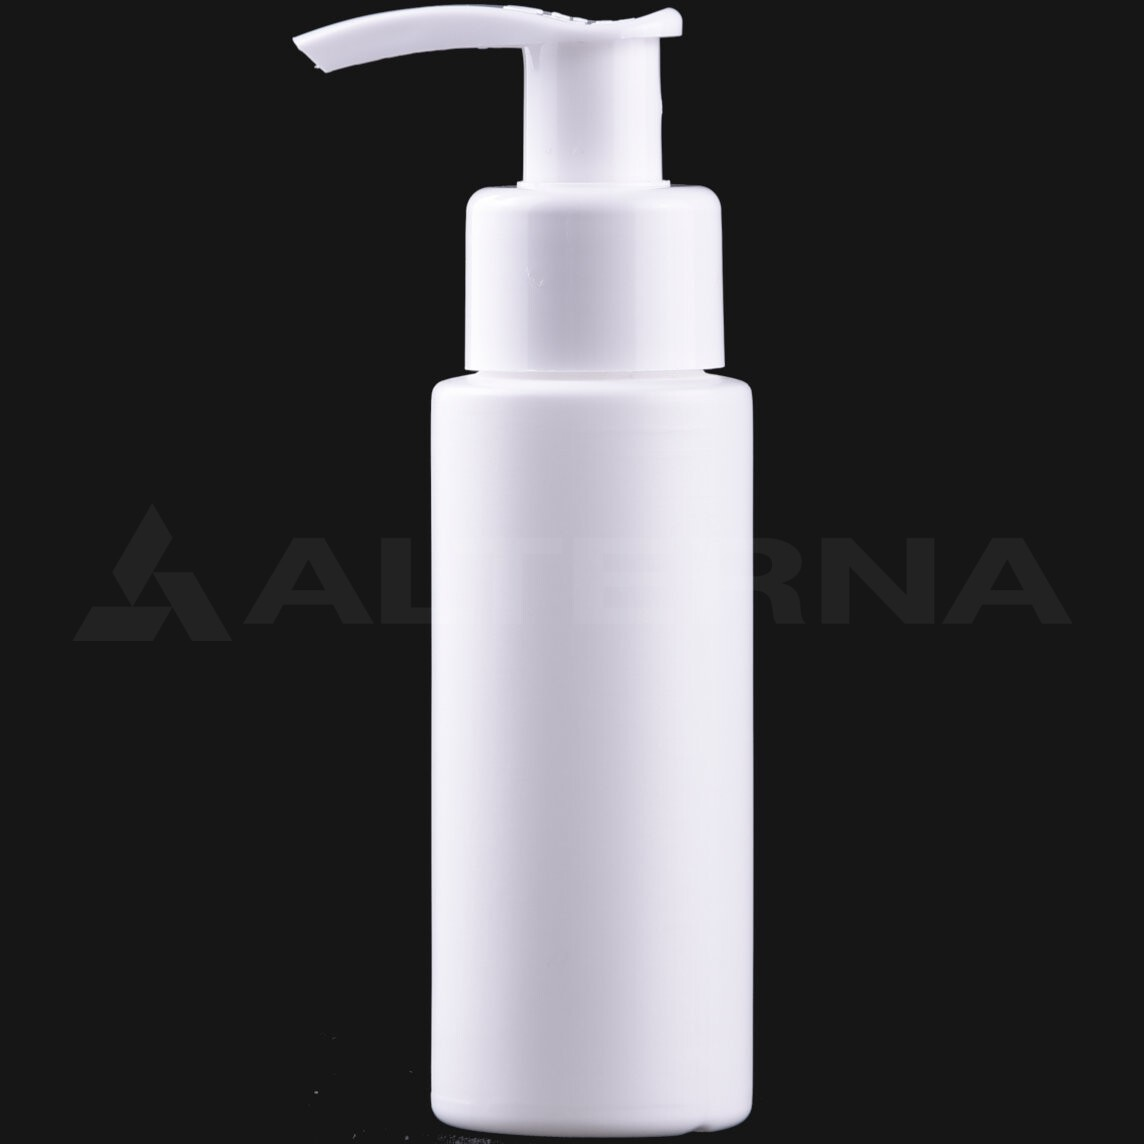 60 ml HDPE Bottle with 24 mm Pump Dispenser